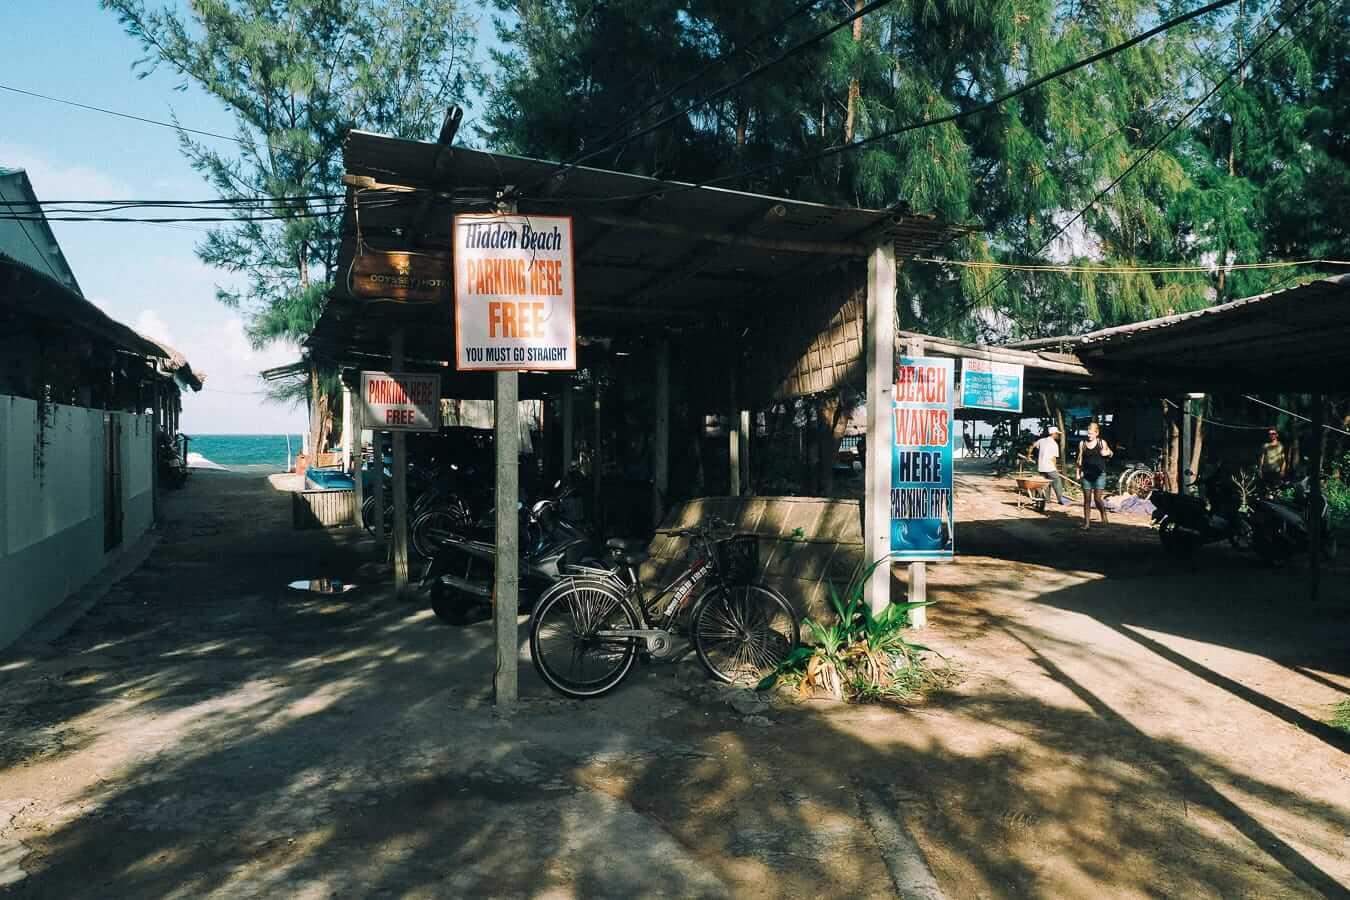 Hidden Beach parking: Hoi An's beaches